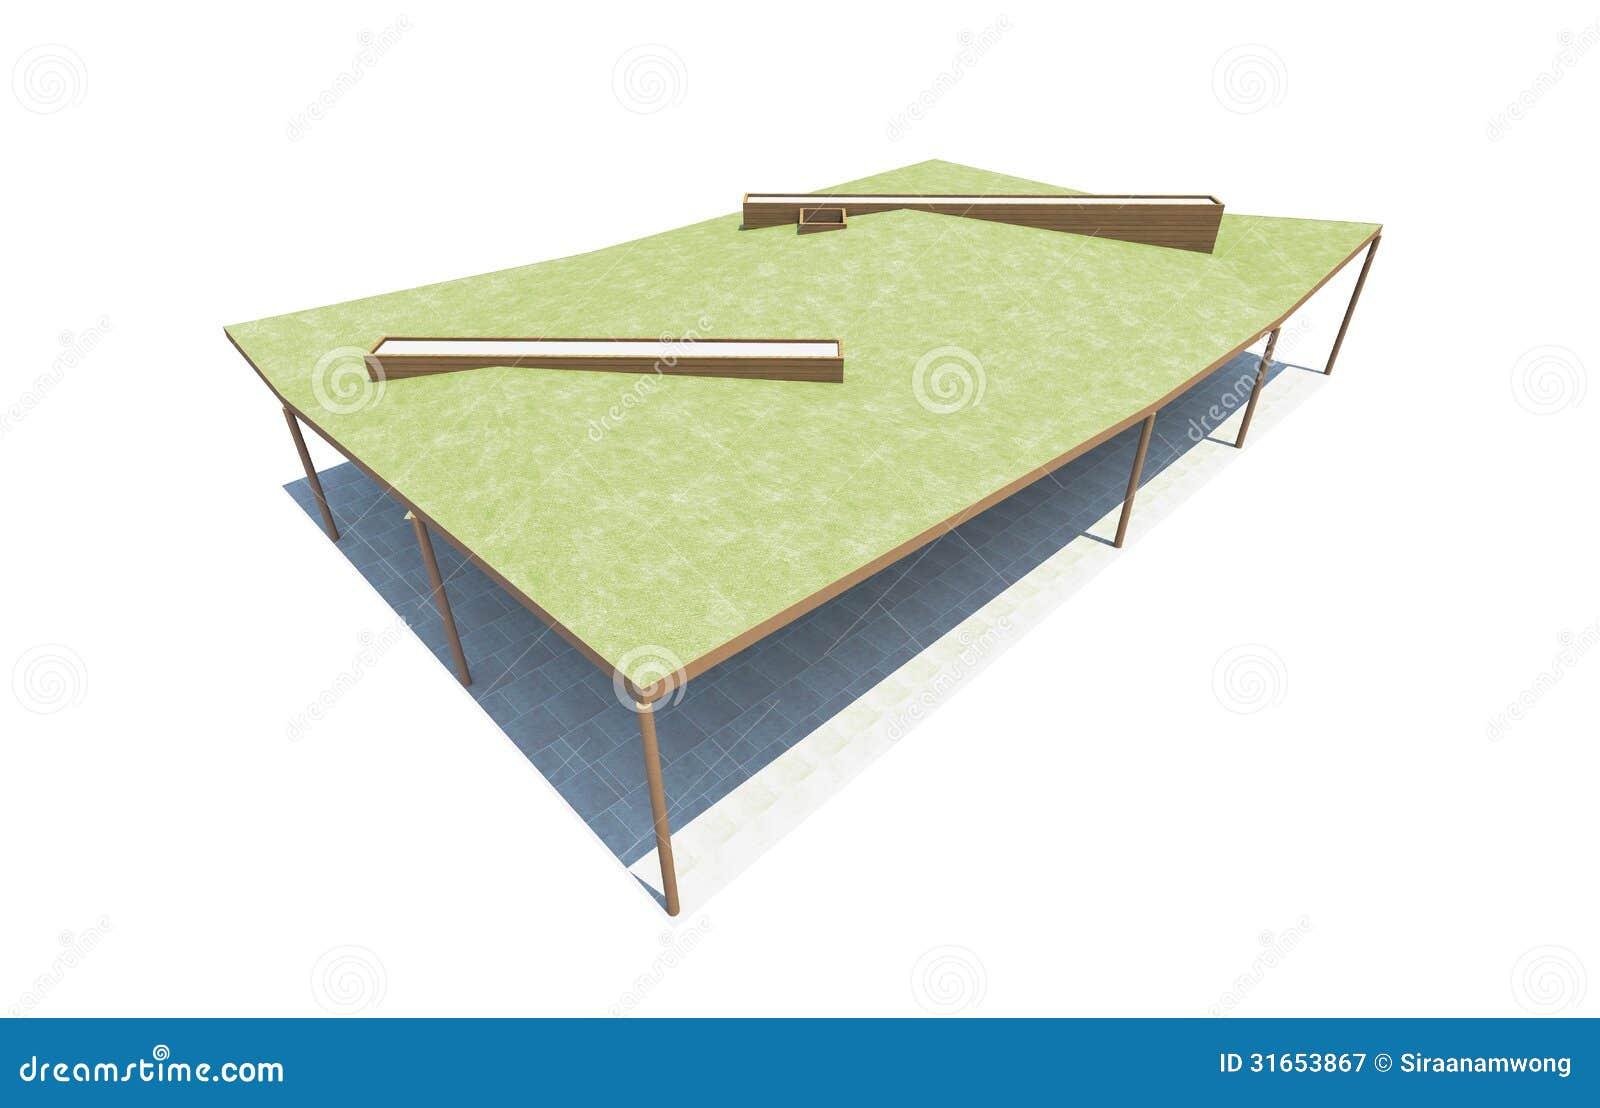 Architettura verde del tetto su fondo bianco illustrazione for Architettura verde